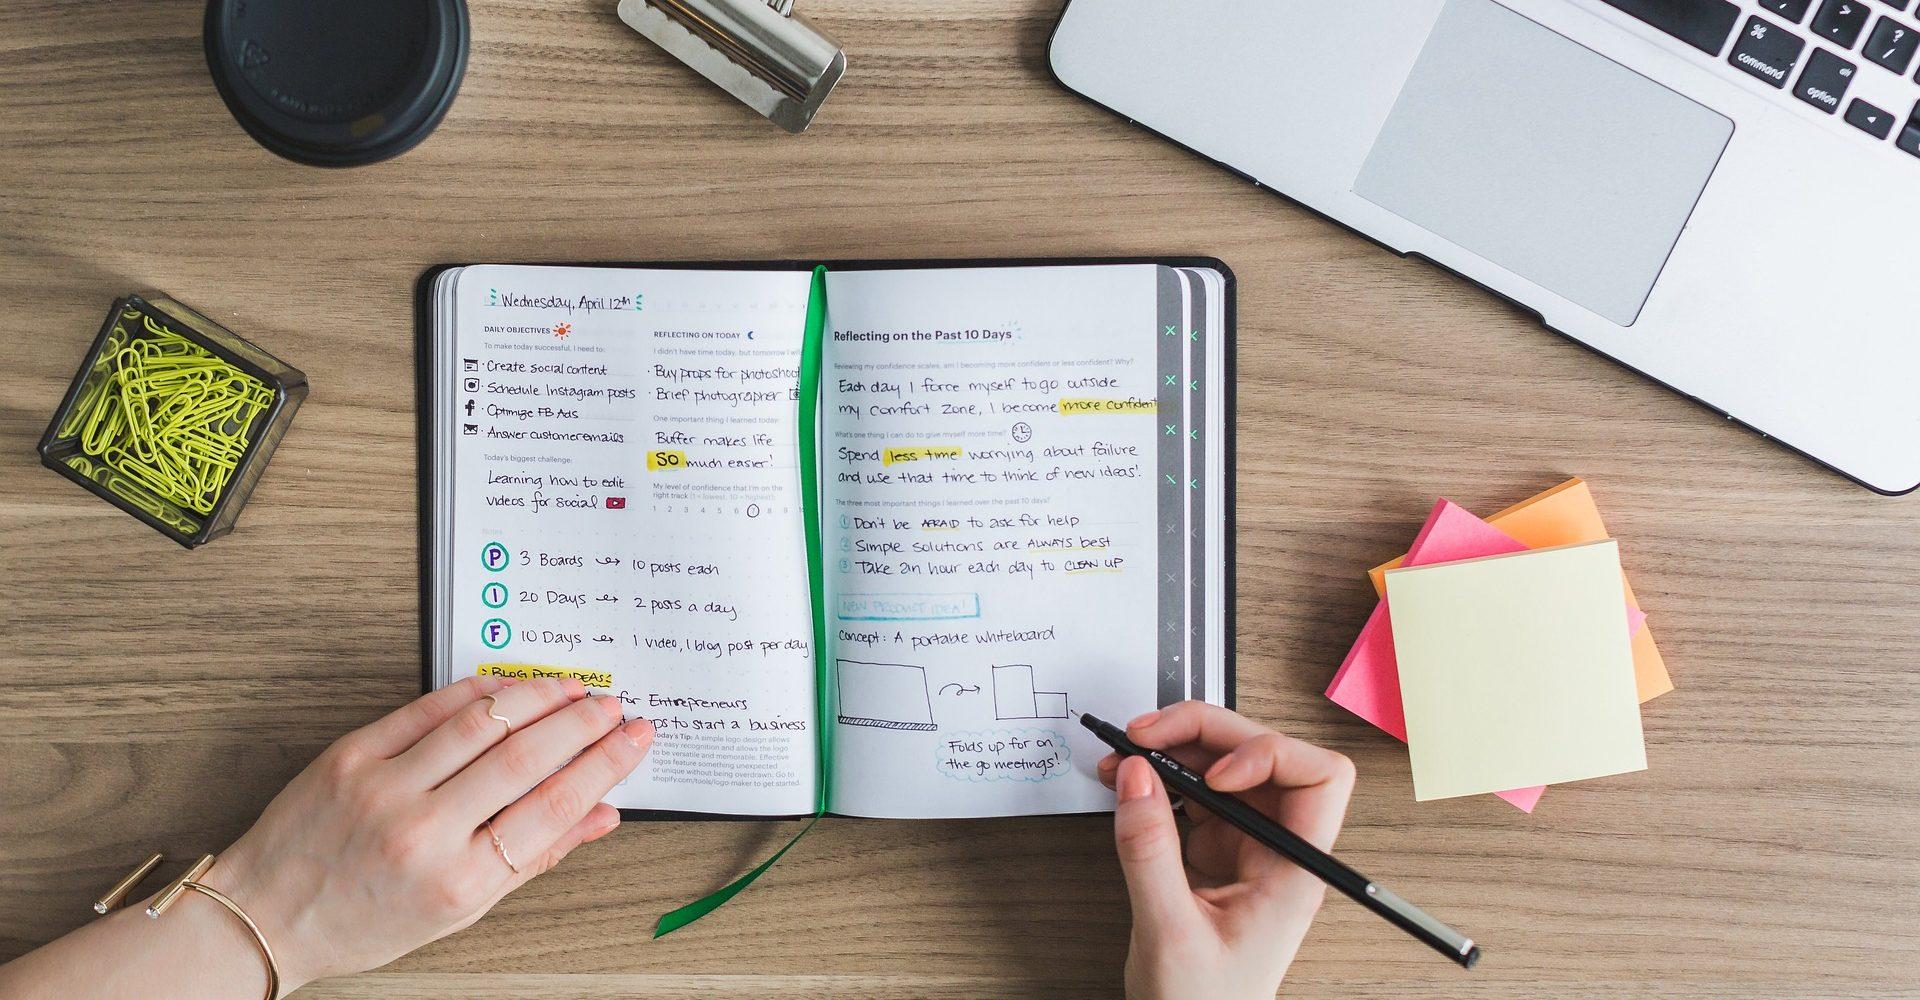 План изучения английского языка | Статьи по английскому на Study.ru